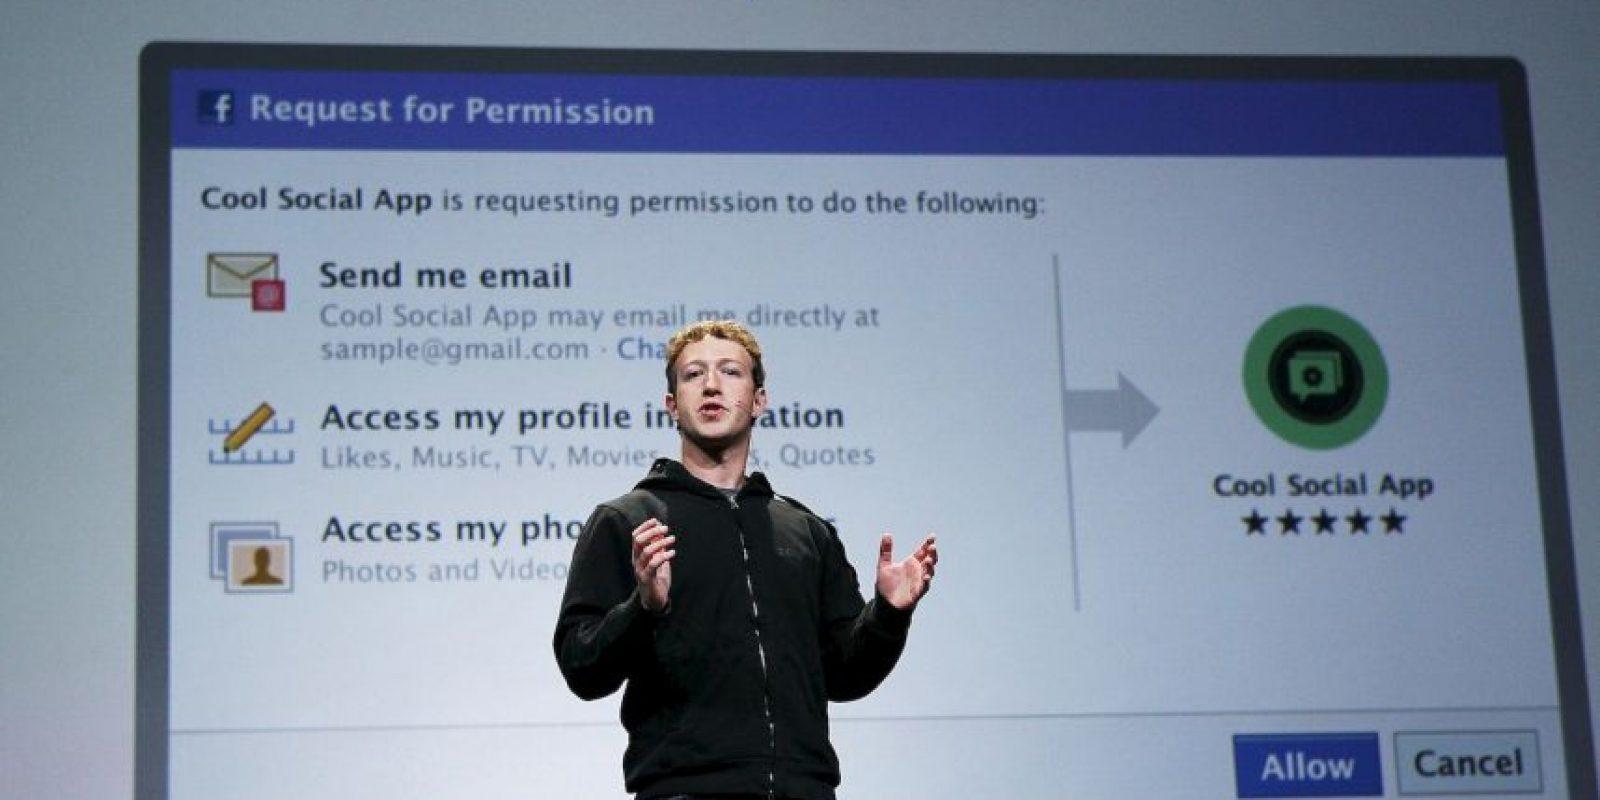 """""""La razón por la que solo uso polos grises, y quiero aclarar que tengo varios polos grises iguales, es que hay muchas investigaciones que muestran que tomar decisiones pequeñas, incluso las relacionadas a qué ponerte en las mañanas, o qué desayunar, pueden cansarte"""", contestó el fundador de Facebook. Foto:Getty"""